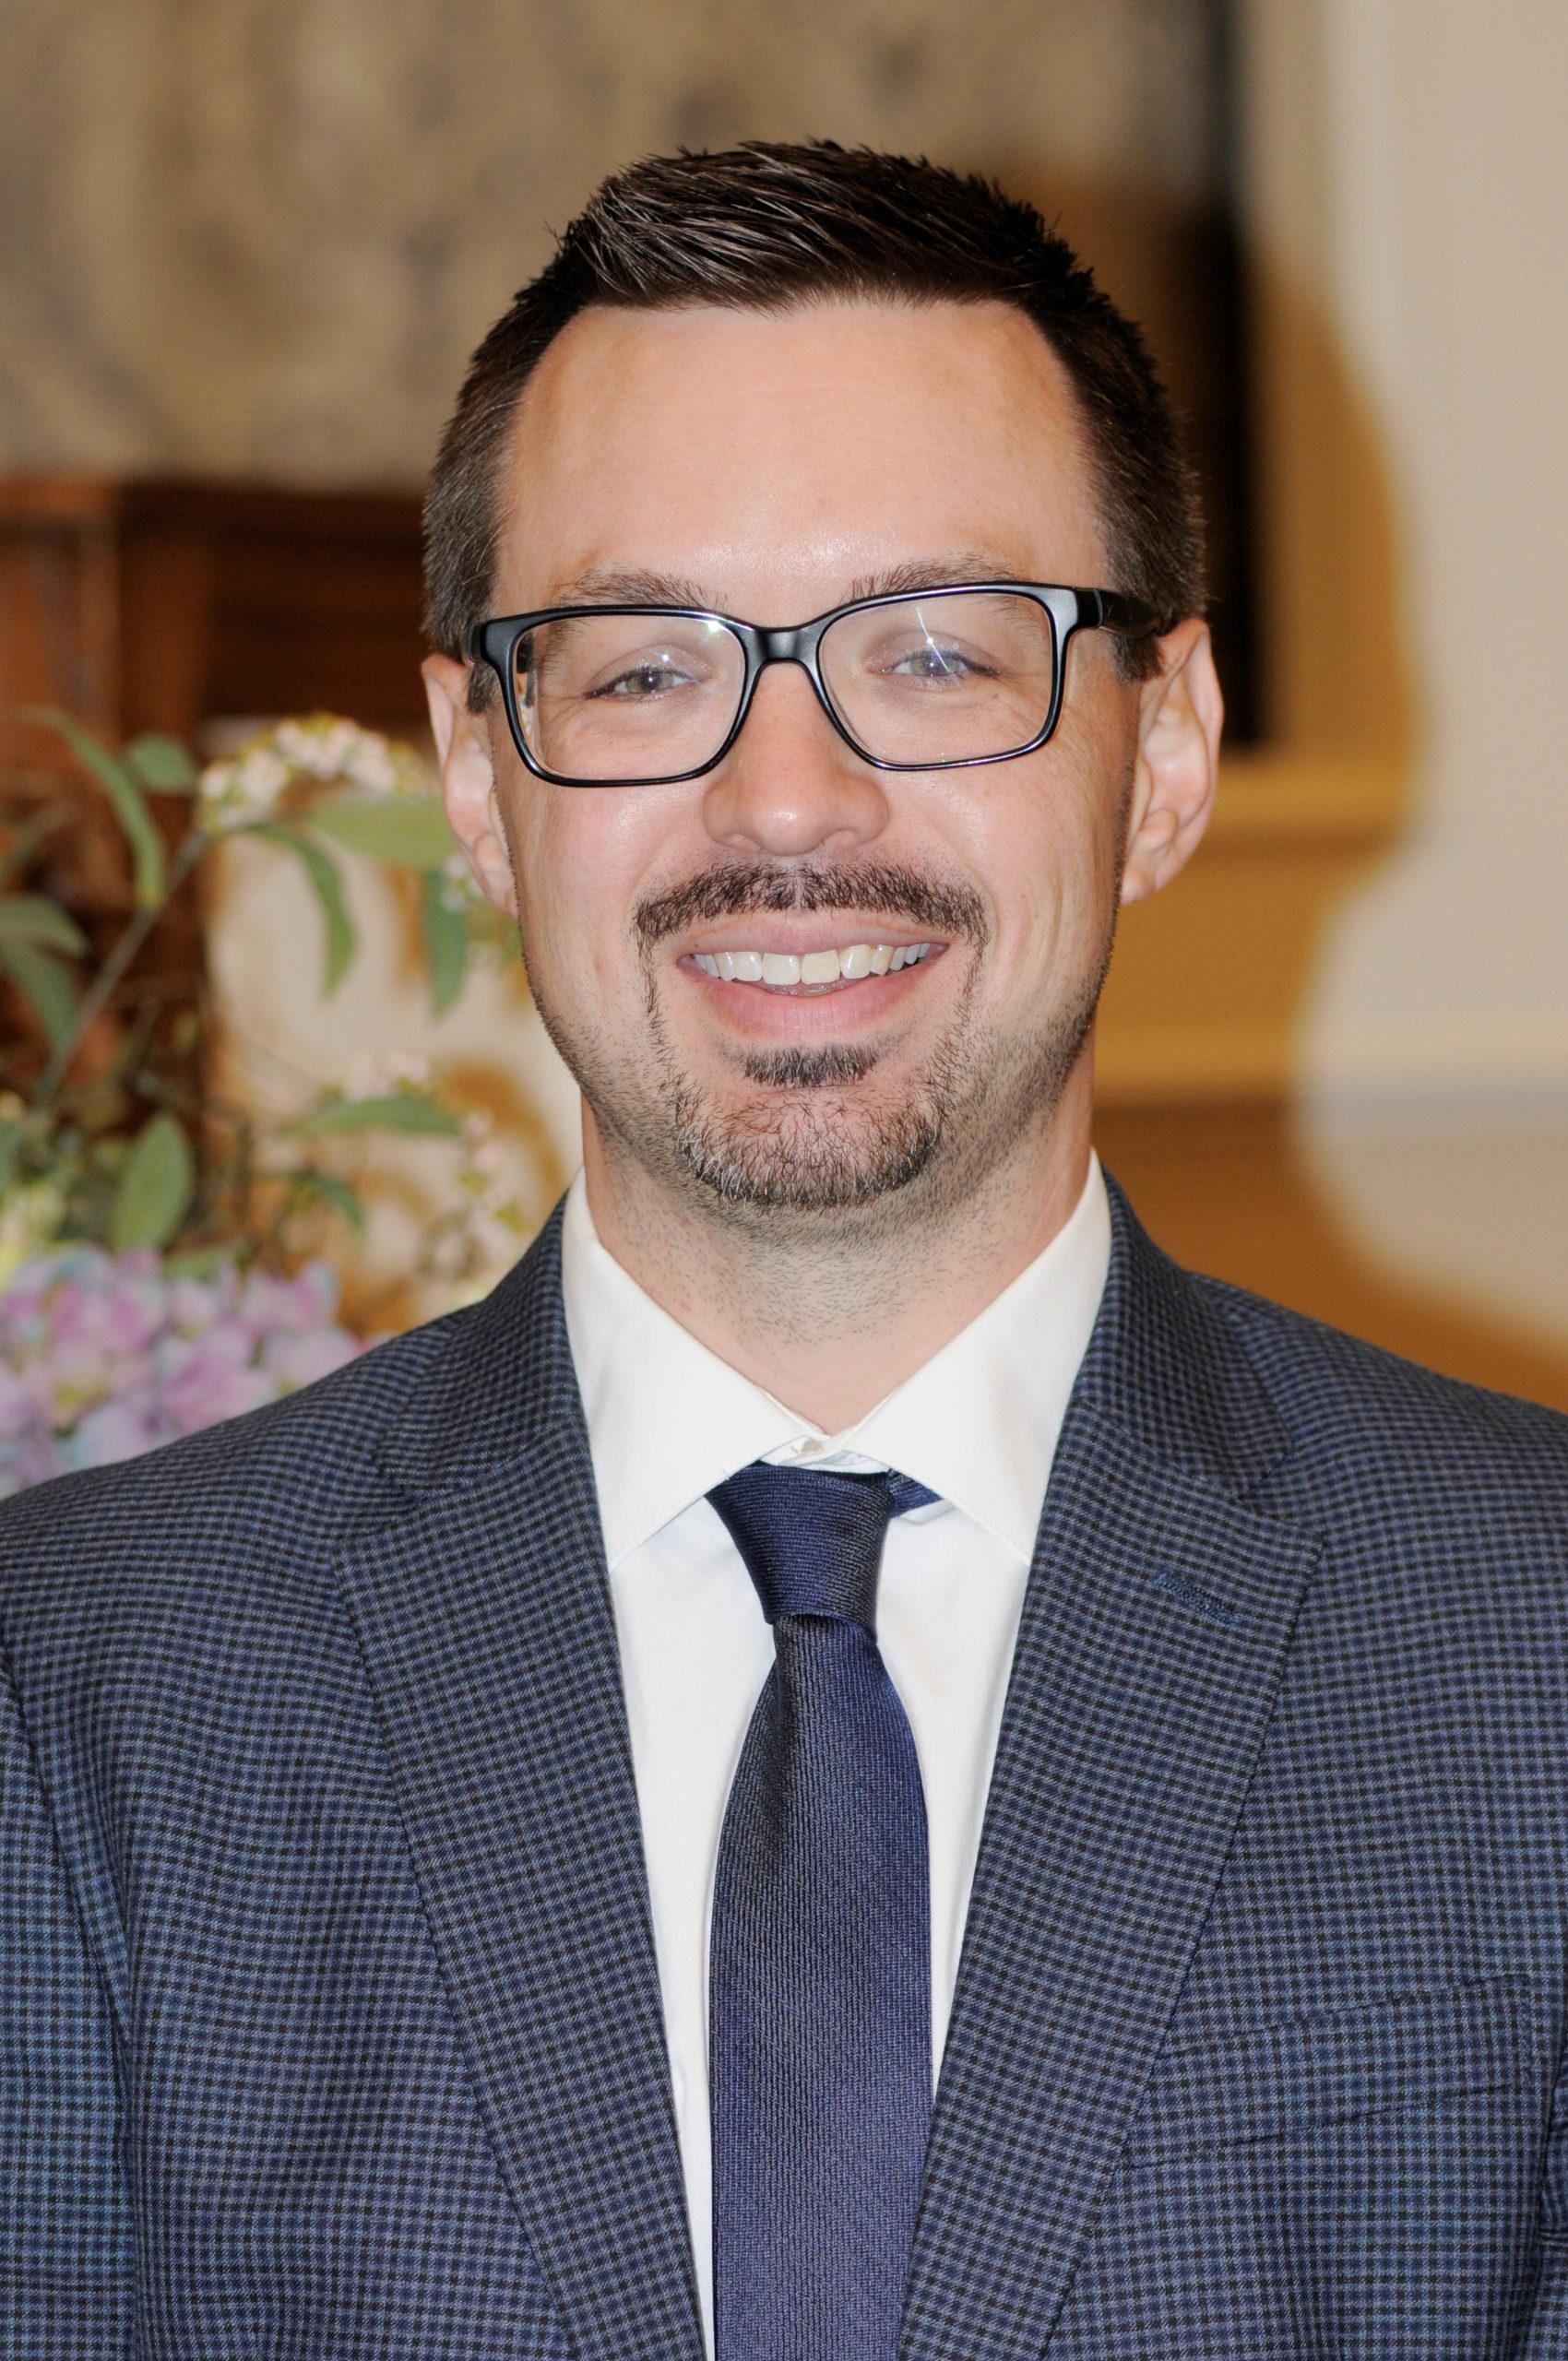 Matt Stahl